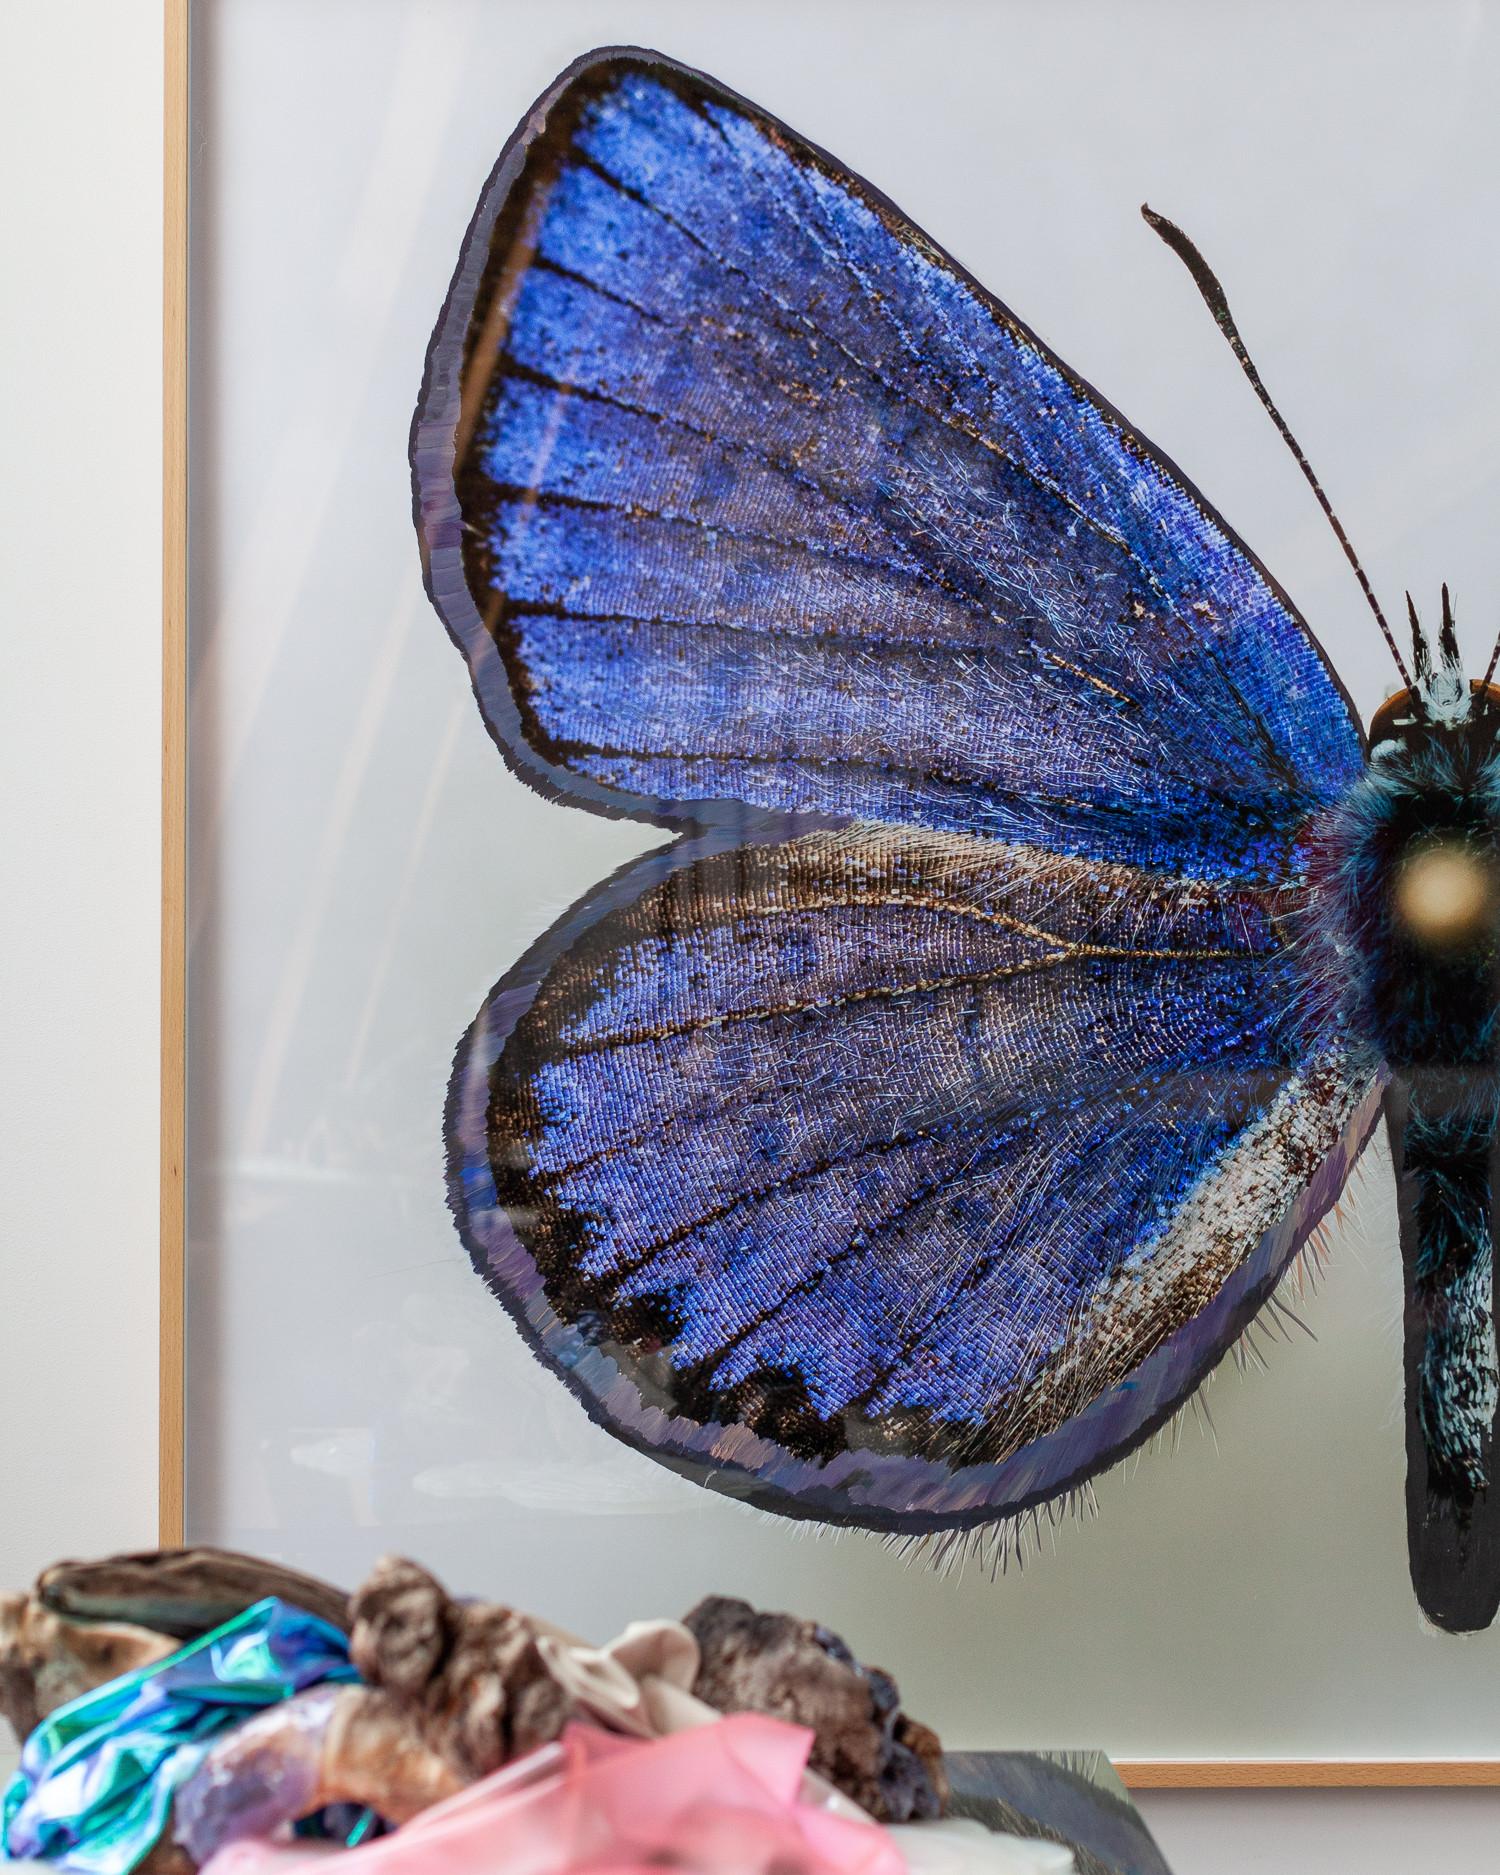 Бабочка Евгения Антуфьева из проекта, который был представлен на Манифесте в Цюрихе в 2016 году. Тогда Евгений жил в номере отеля, в котором когда-то жил Набоков; вся серия работ была посвящена любви писателя к бабочкам